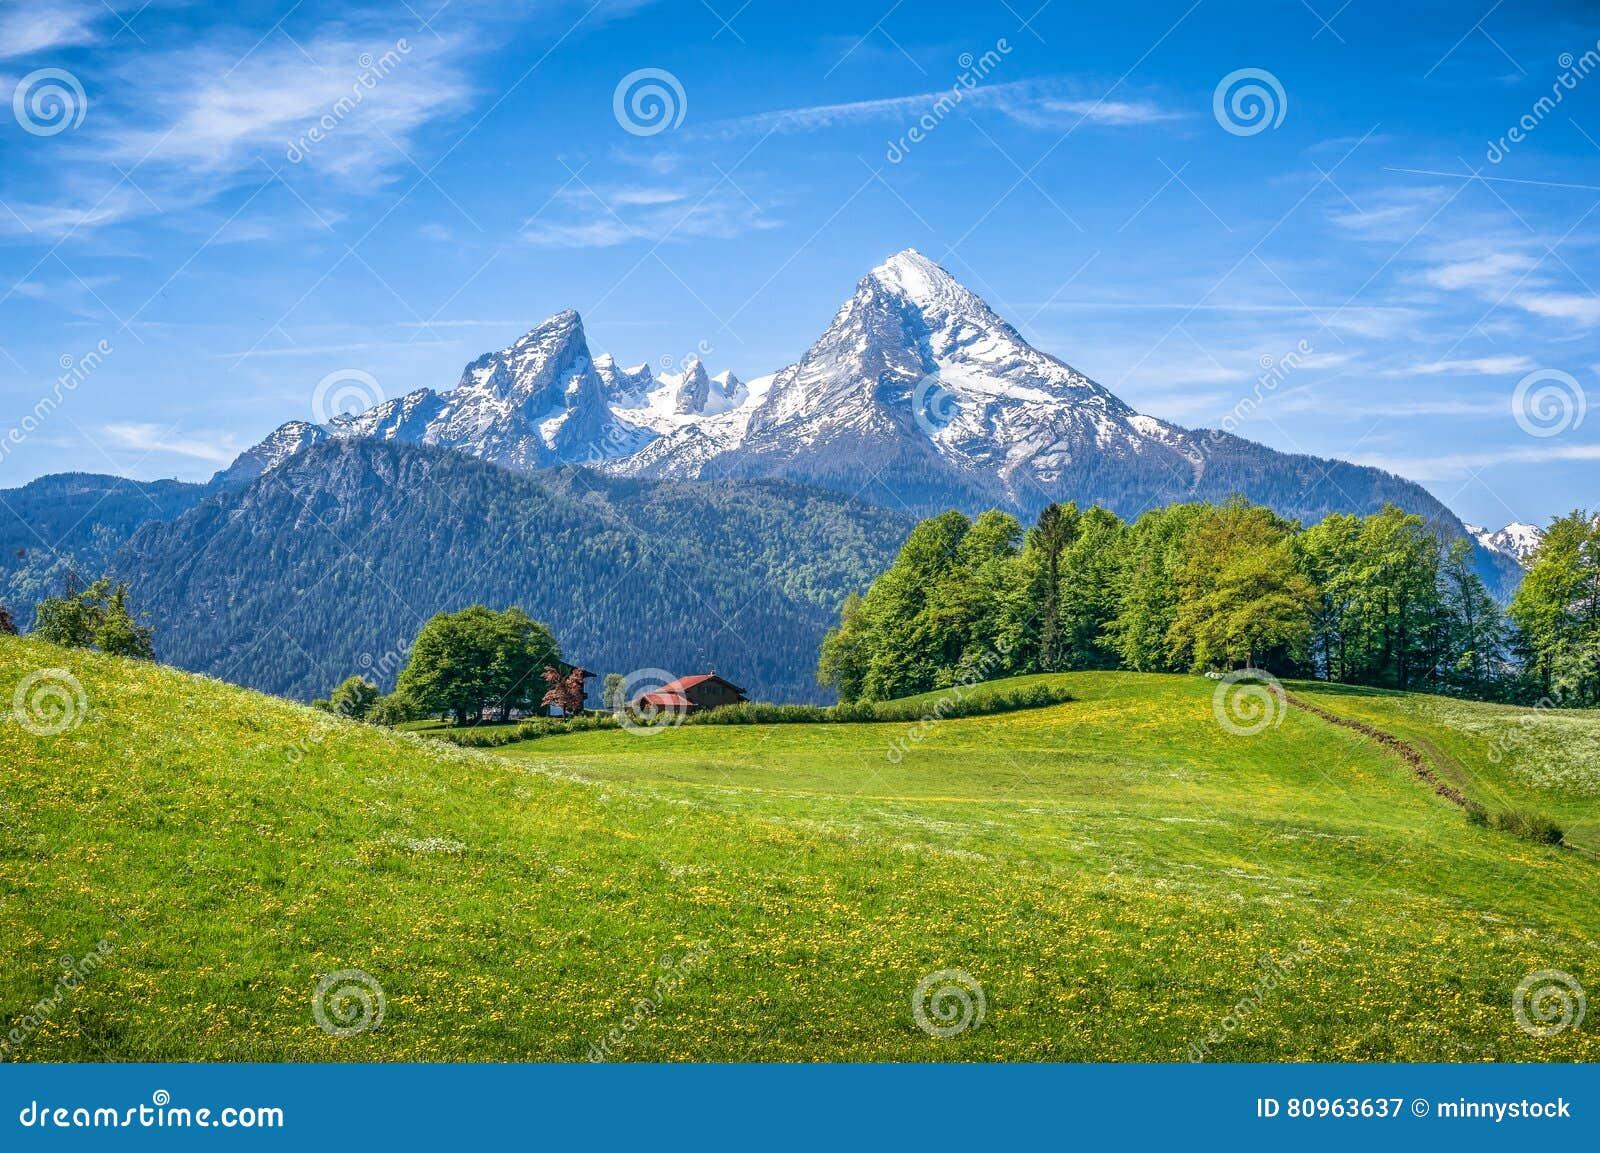 Paysage alpin idyllique avec les prés verts, les fermes et les dessus couronnés de neige de montagne